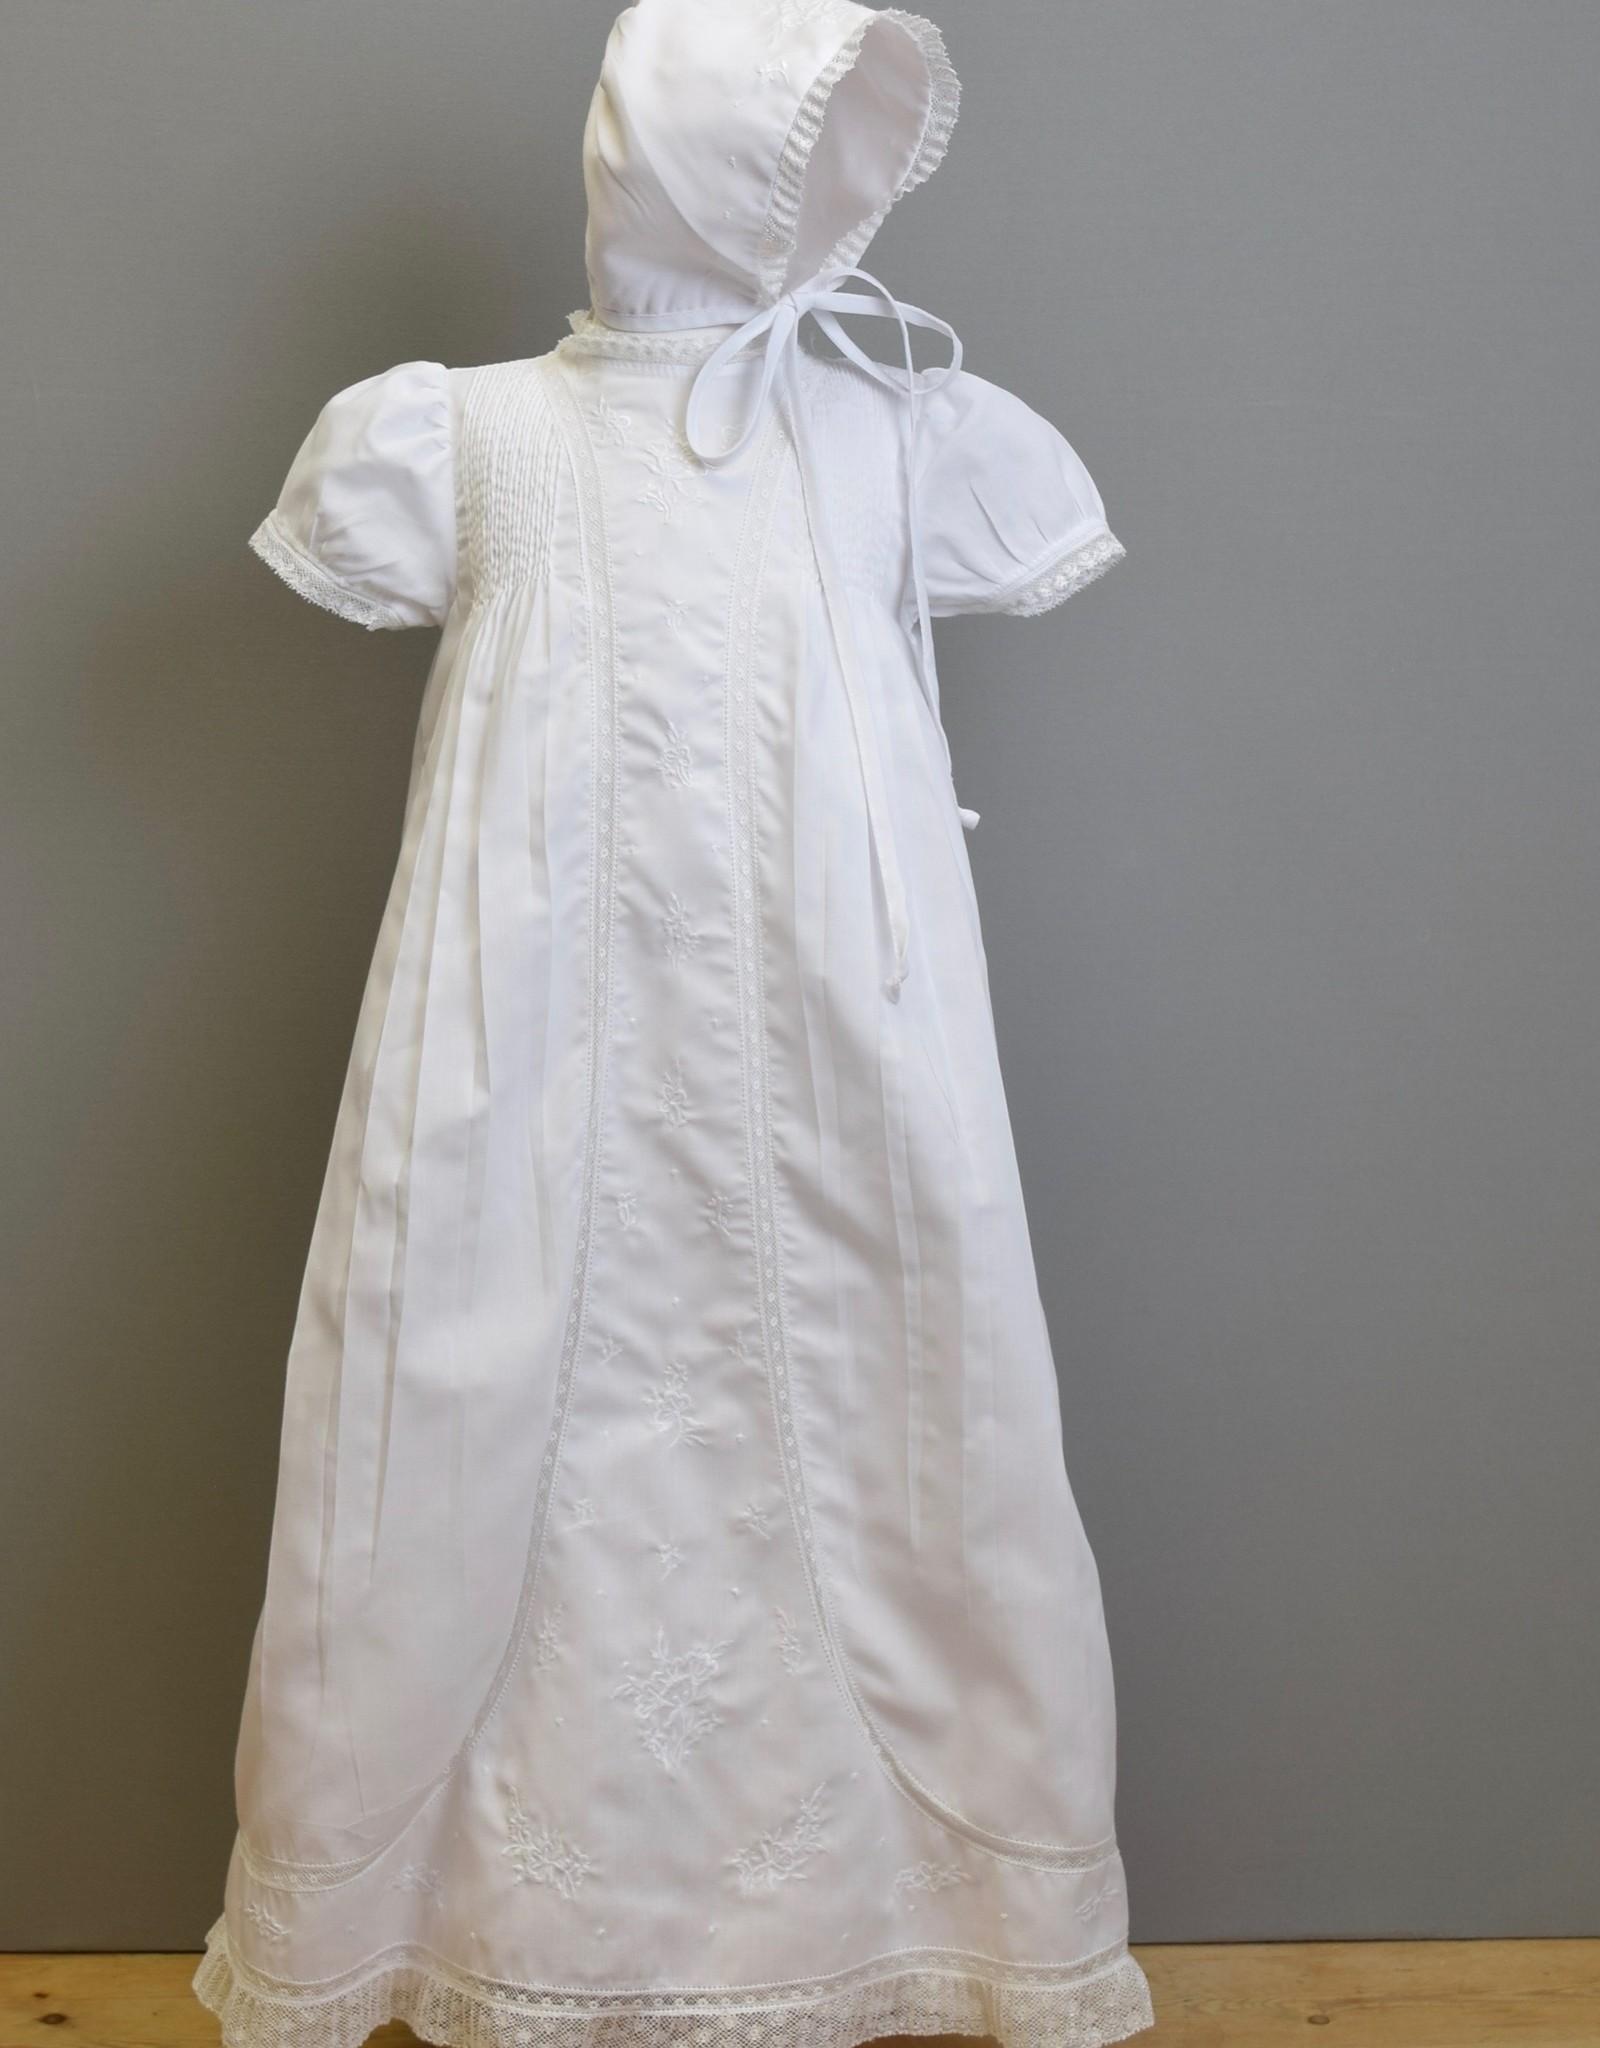 Feltman Gown-Wht Embriodered panel-Feltman